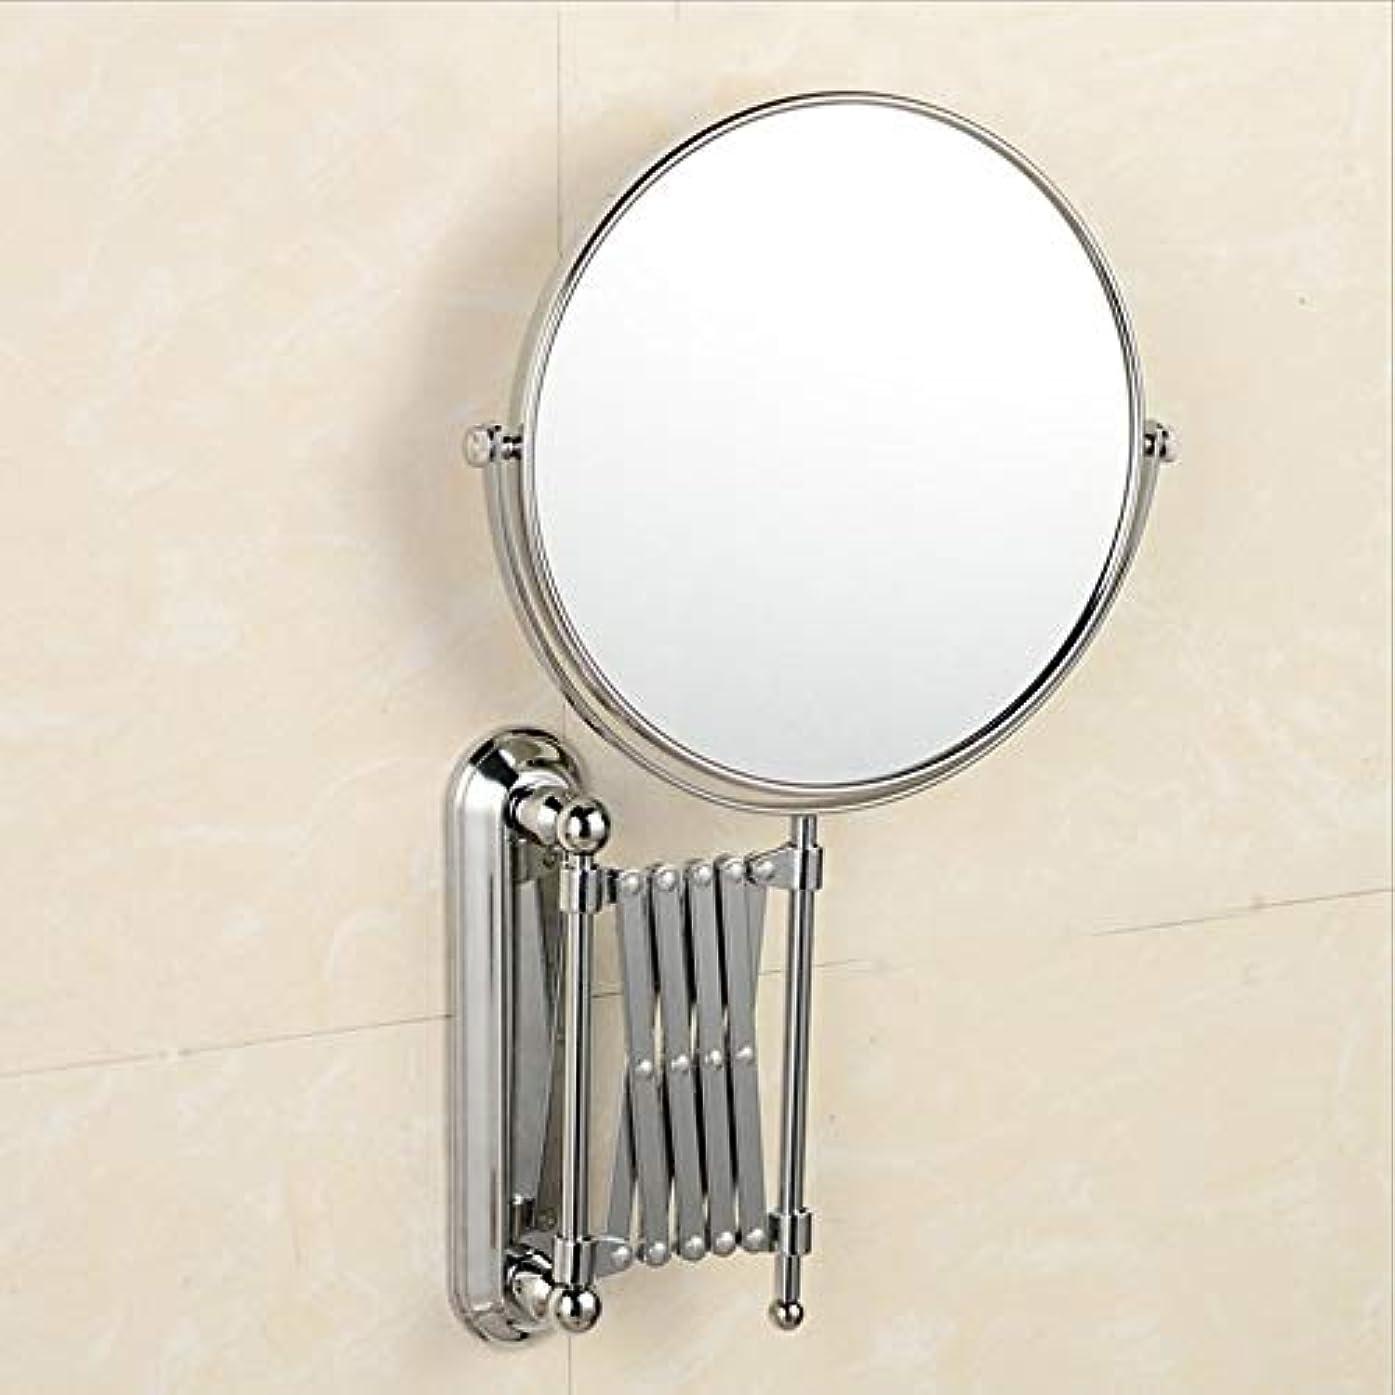 経度前古い流行の 両面美容化粧鏡折りたたみ美容鏡浴室美容化粧鏡ステンレス鋼6インチシルバー